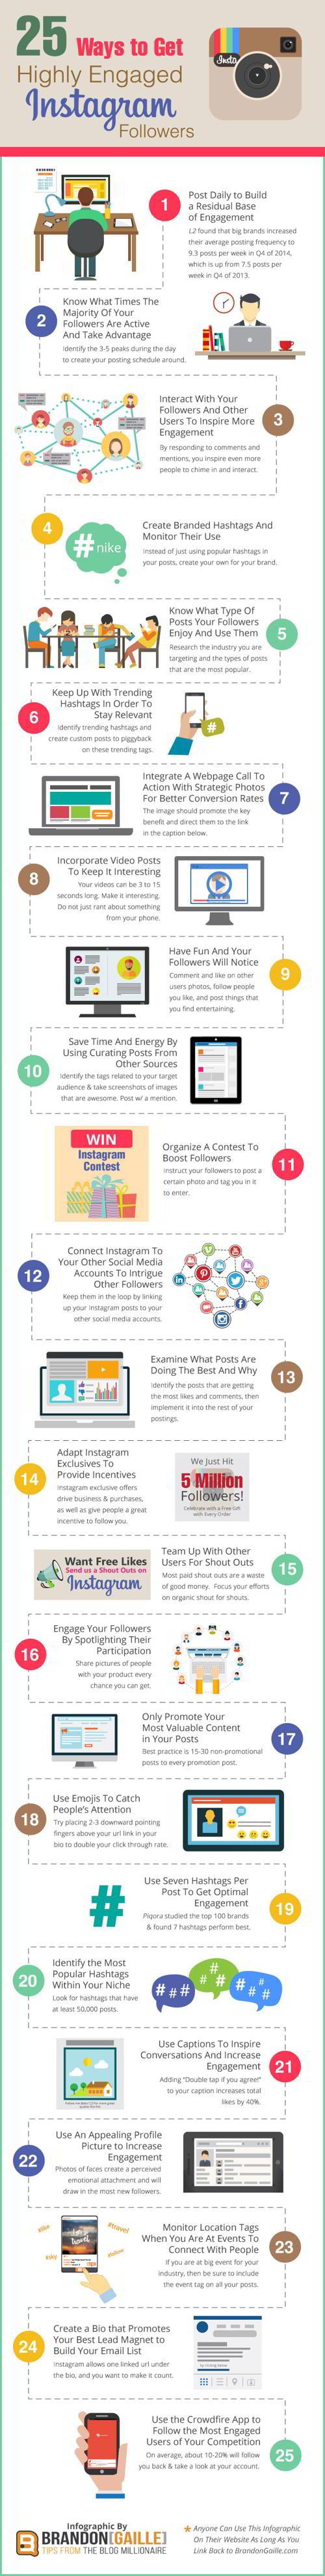 Las mejores estrategias de marketing en Instagram #infografia